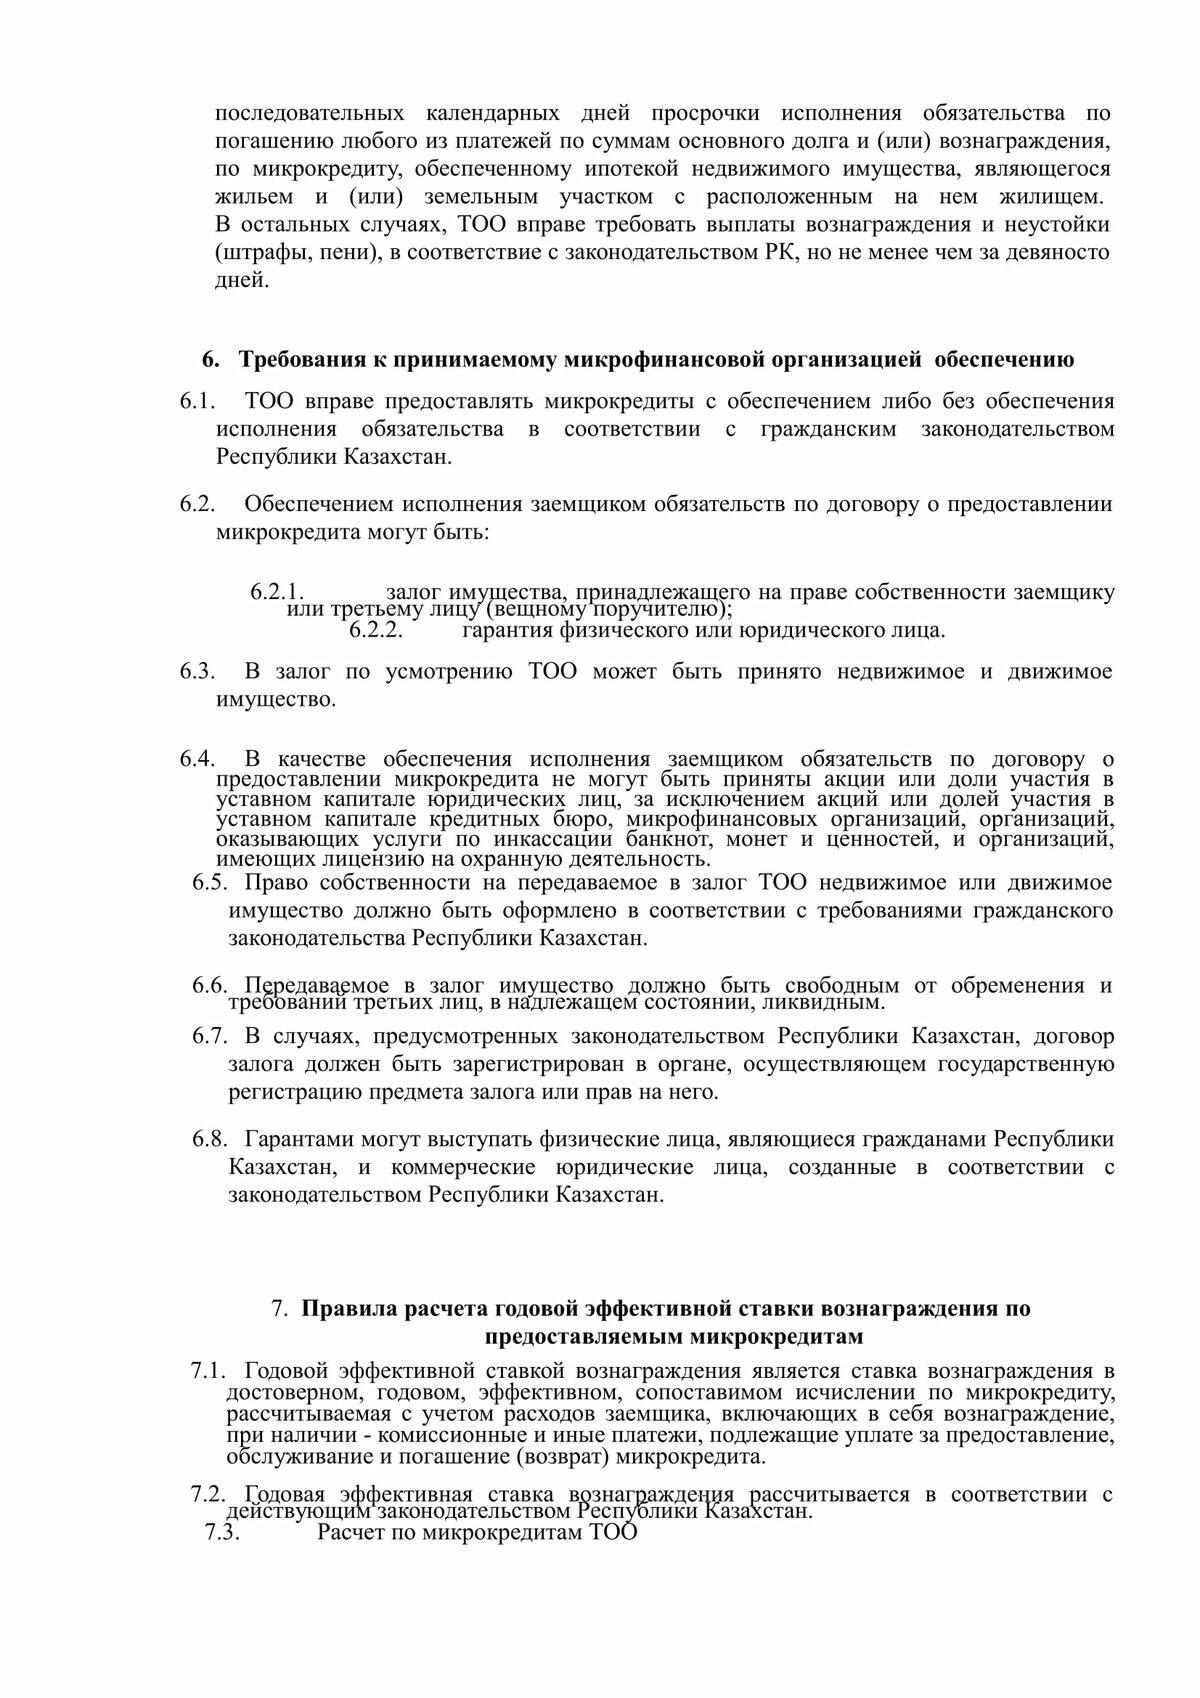 кредитные организации созданные в соответствии с законодательством